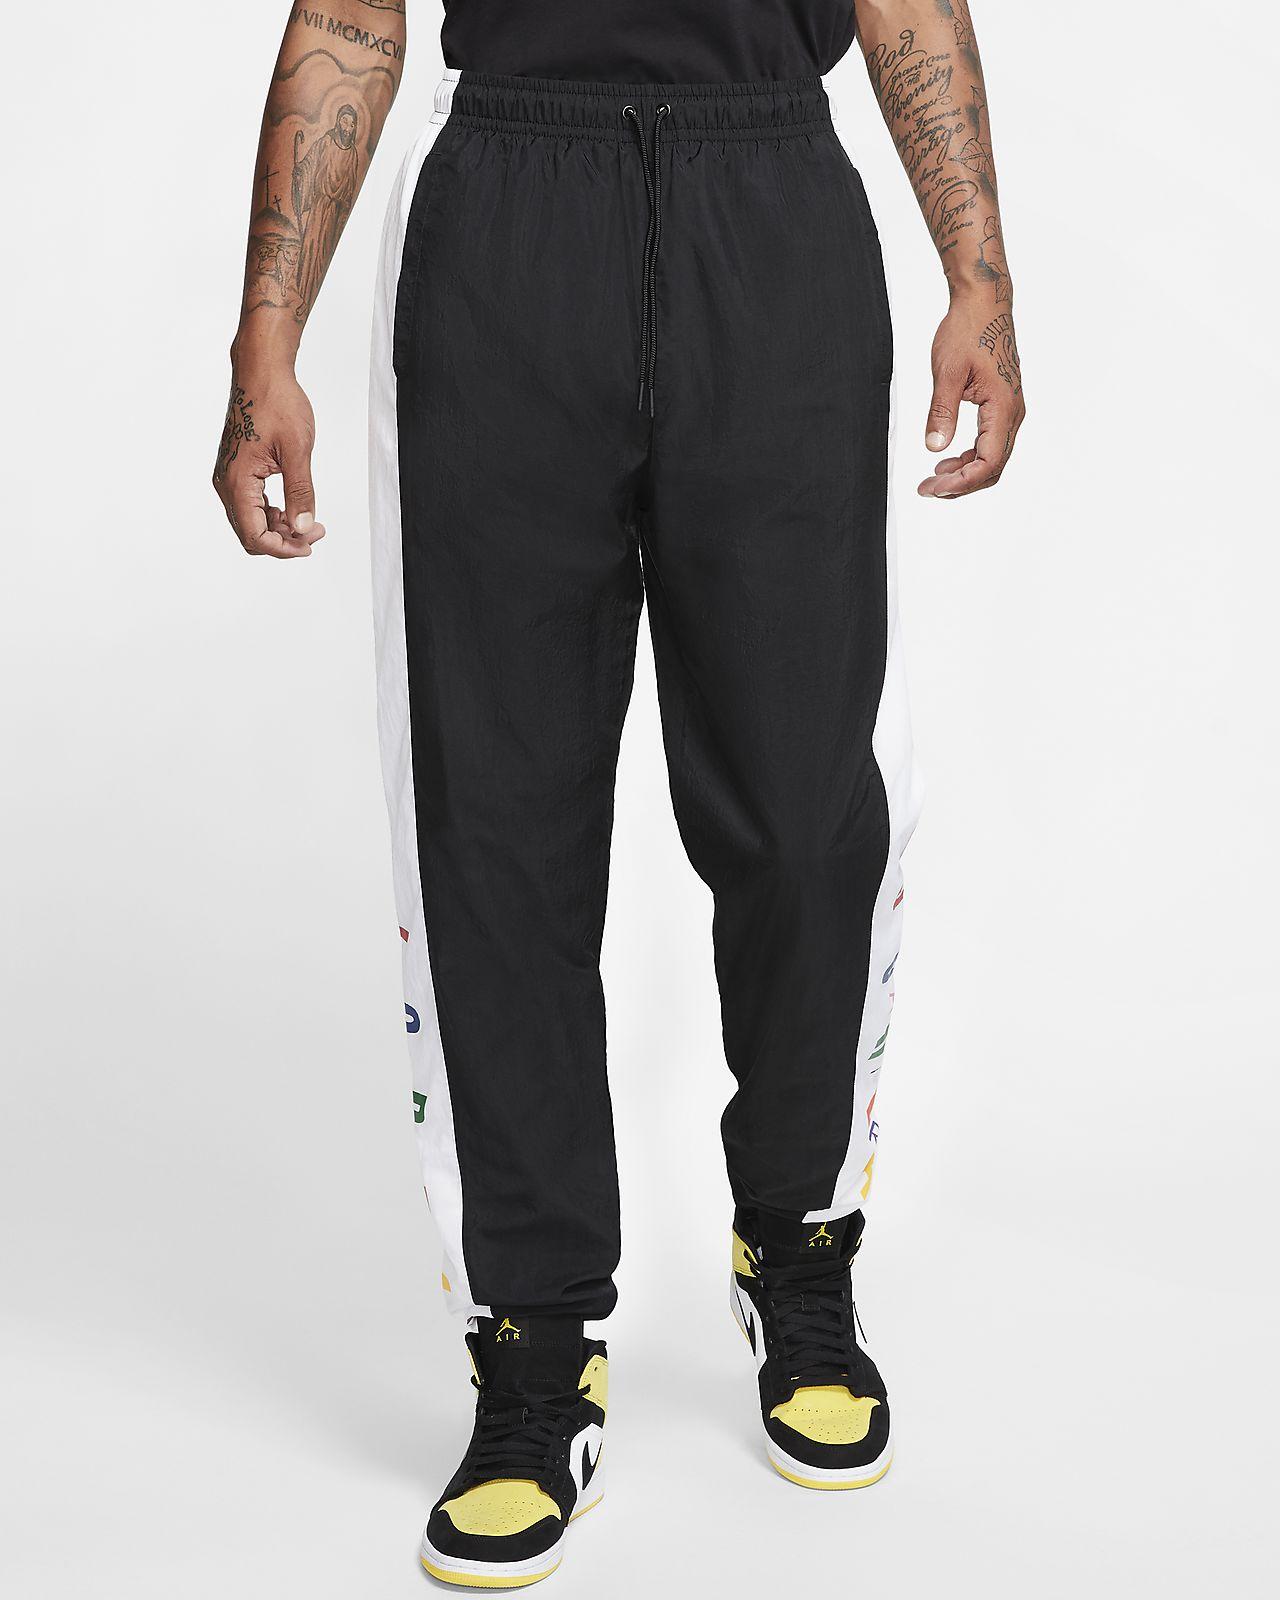 Vævede Nike træningsbukser til mænd. Nike DK